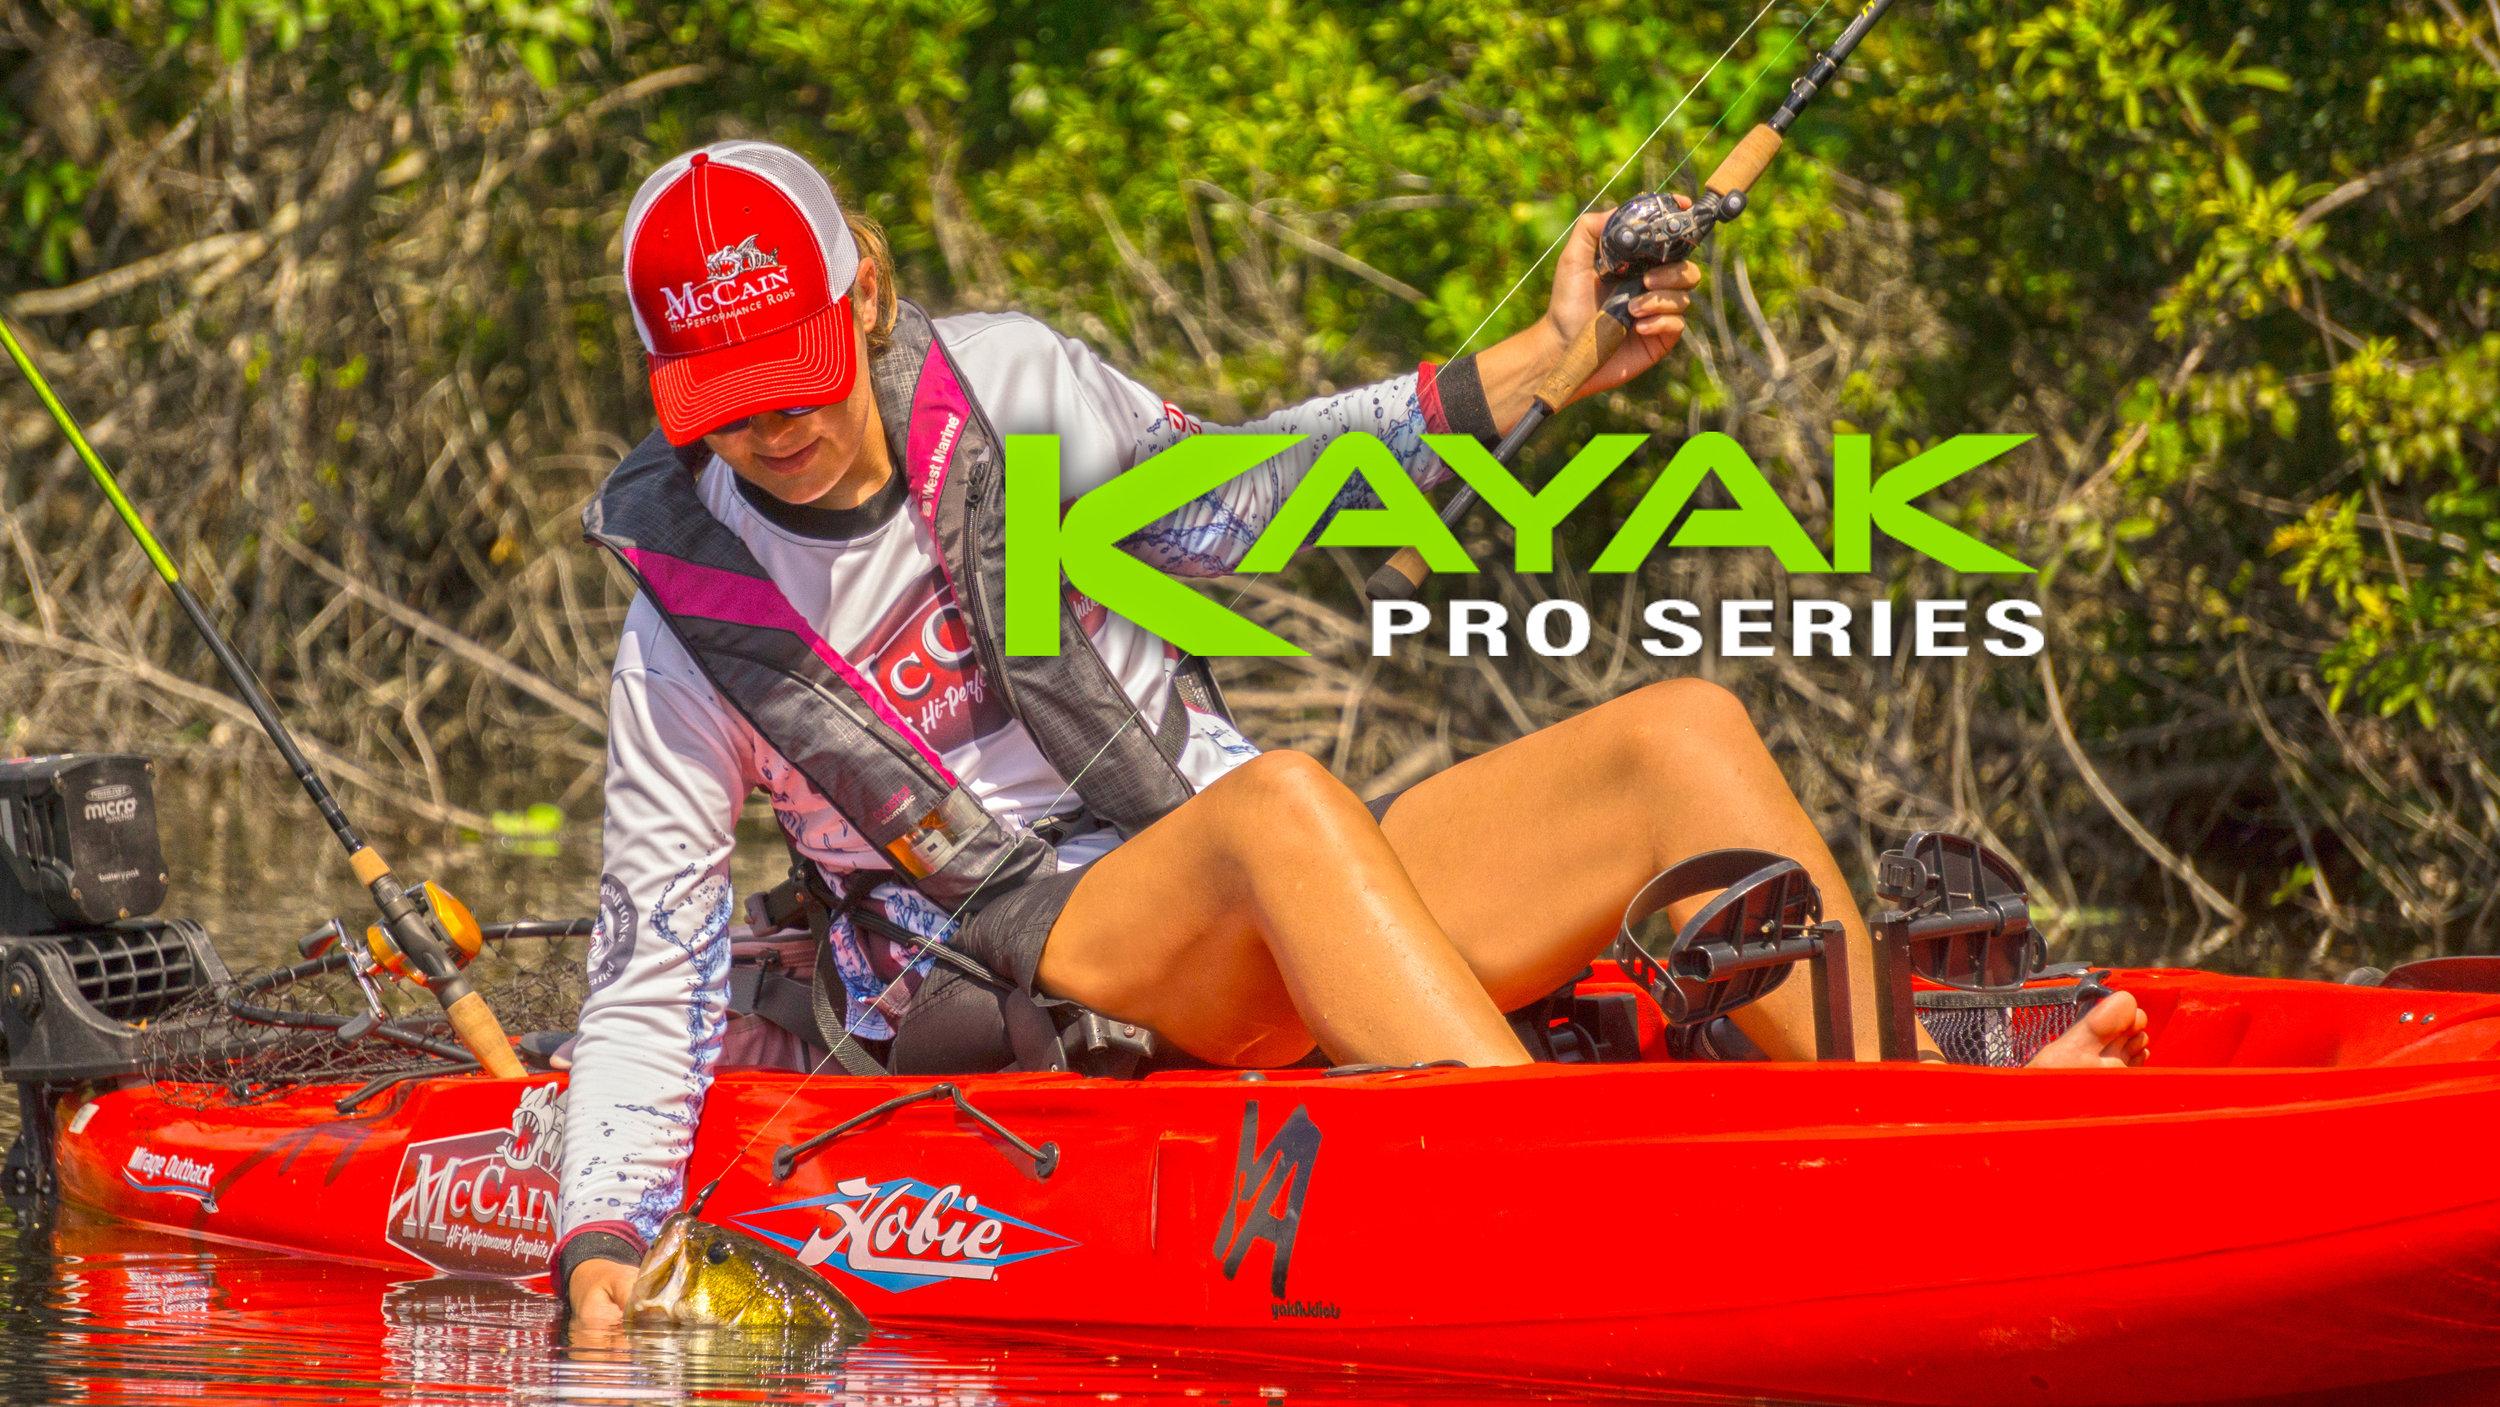 kayakproseries-ss.jpg